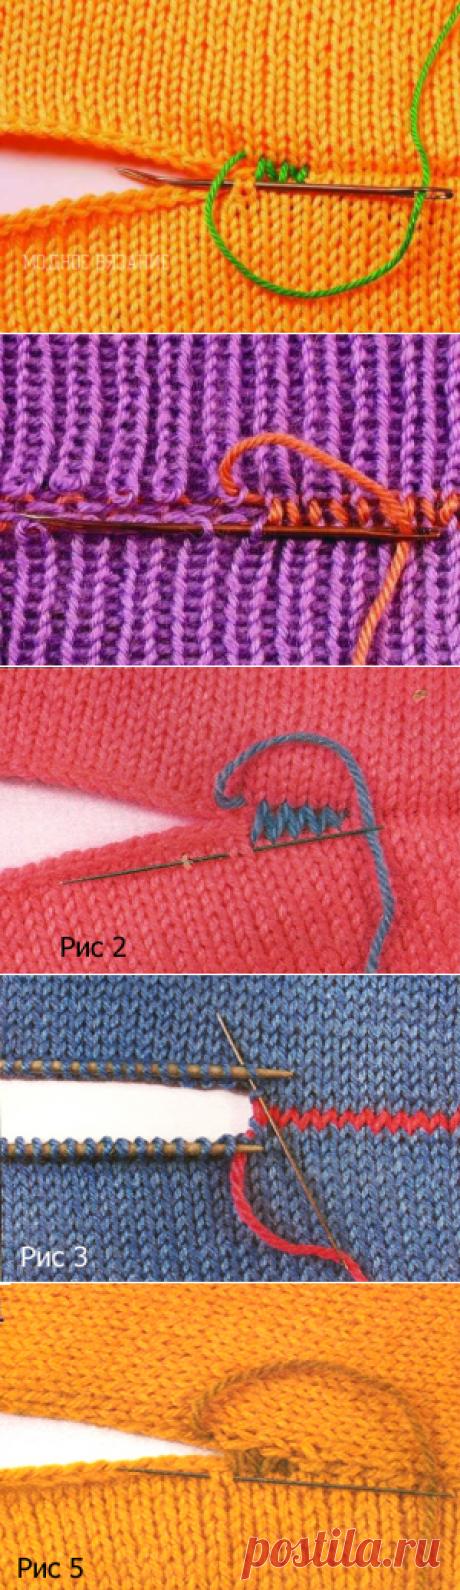 Как правильно и каким швом сшивать вязаные изделия - Модное вязание